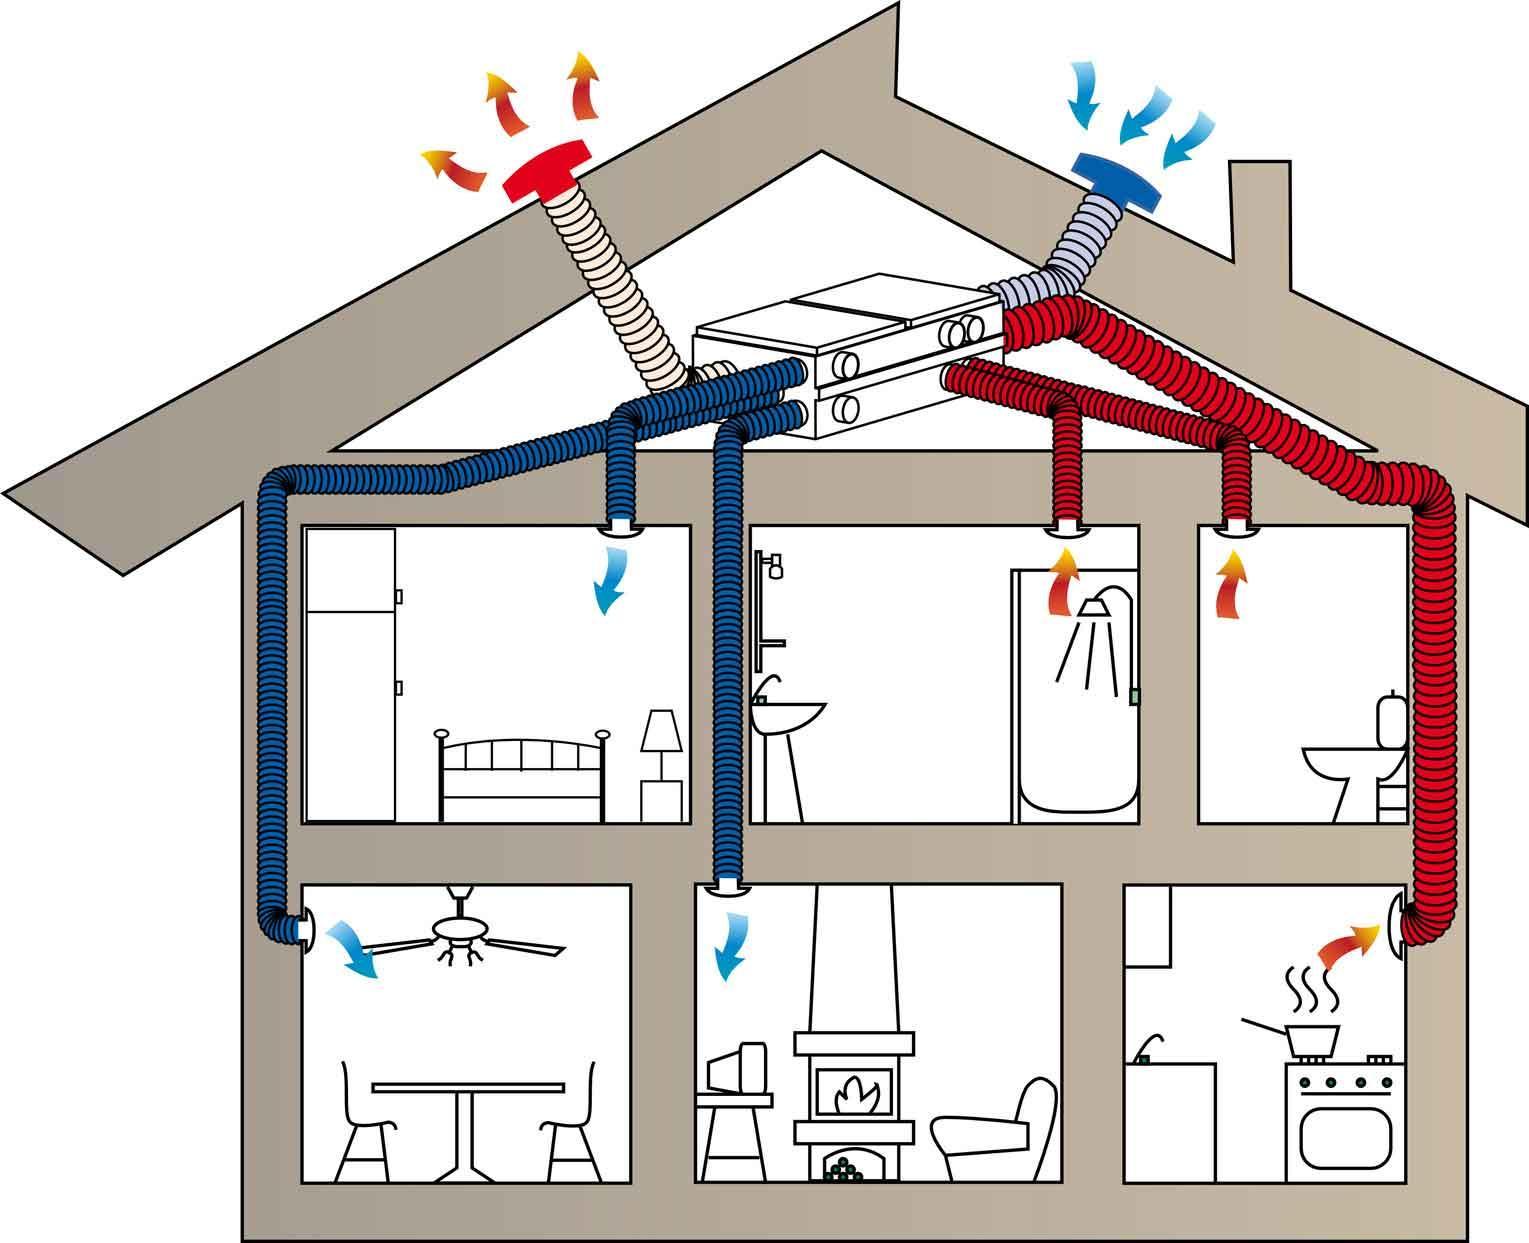 Монтаж приточно-вытяжной системы вентиляции